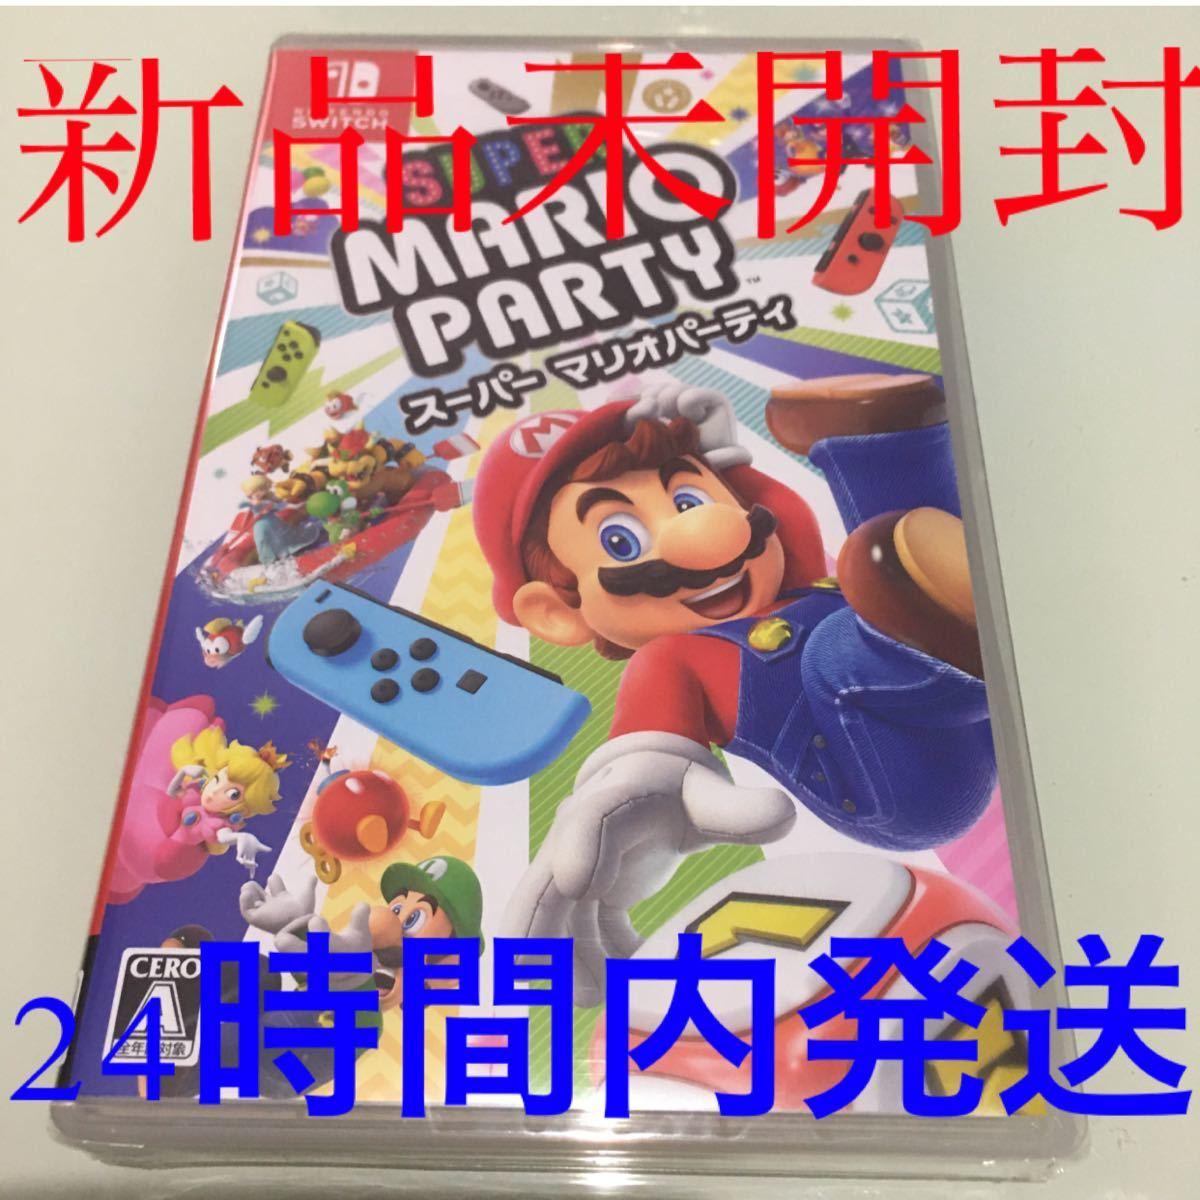 Switch スーパーマリオパーティ 新品未開封